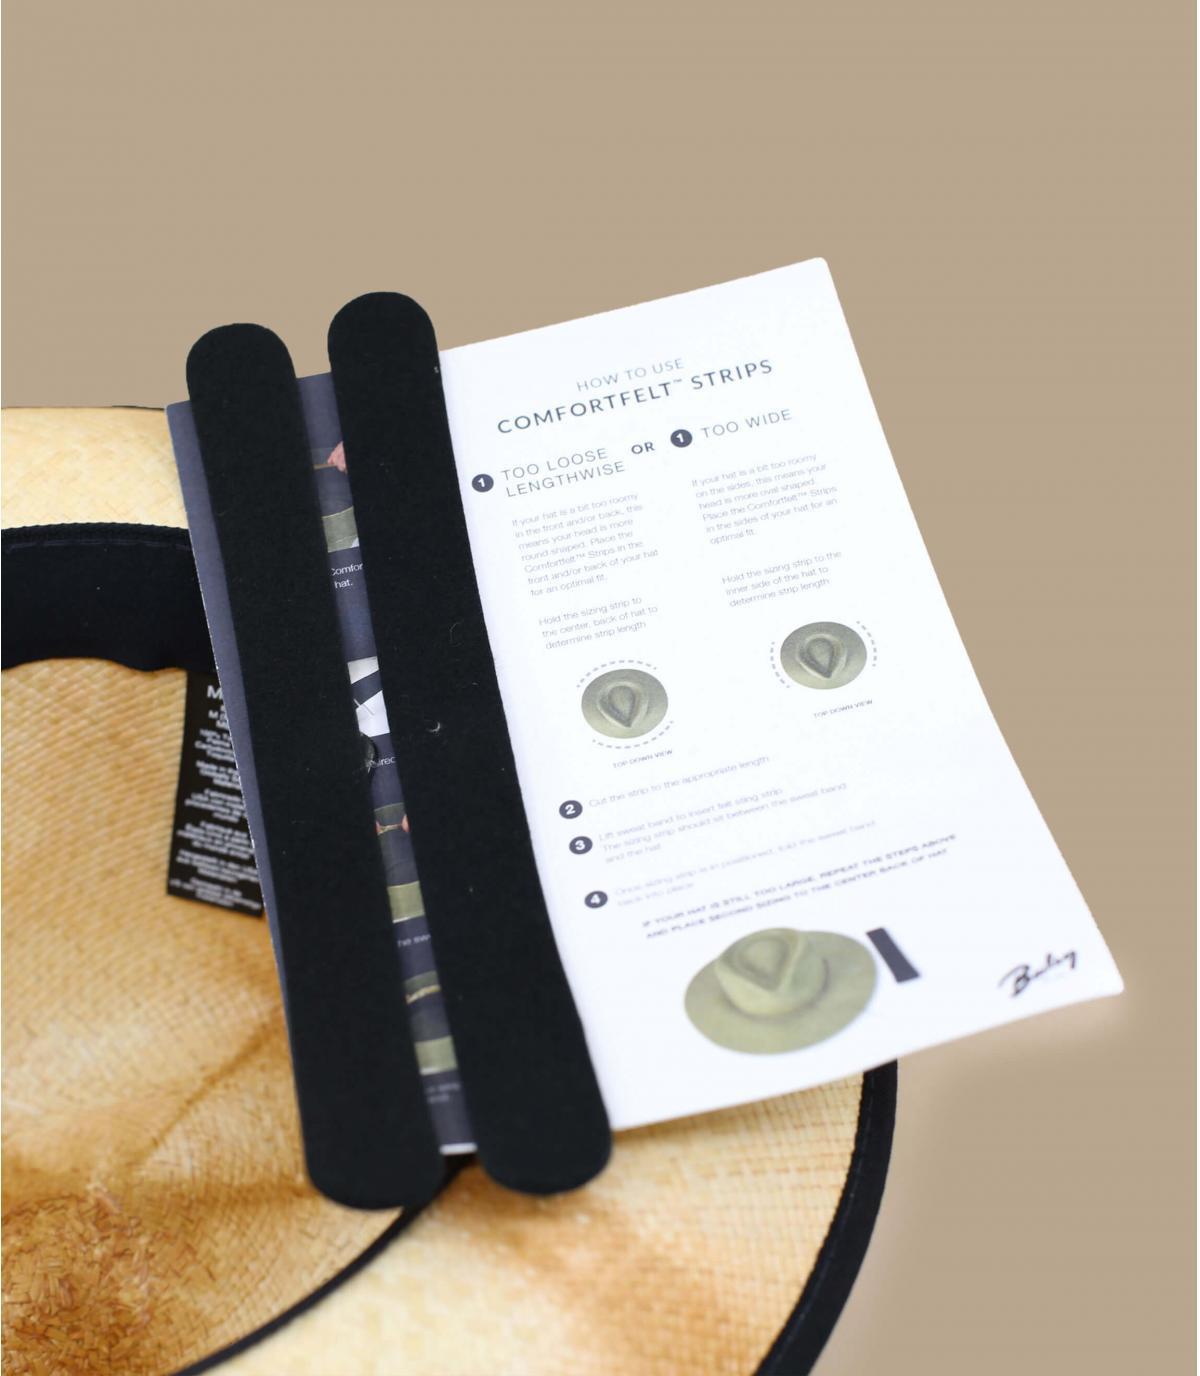 Dettagli Clafin Panama tea stain - image 4